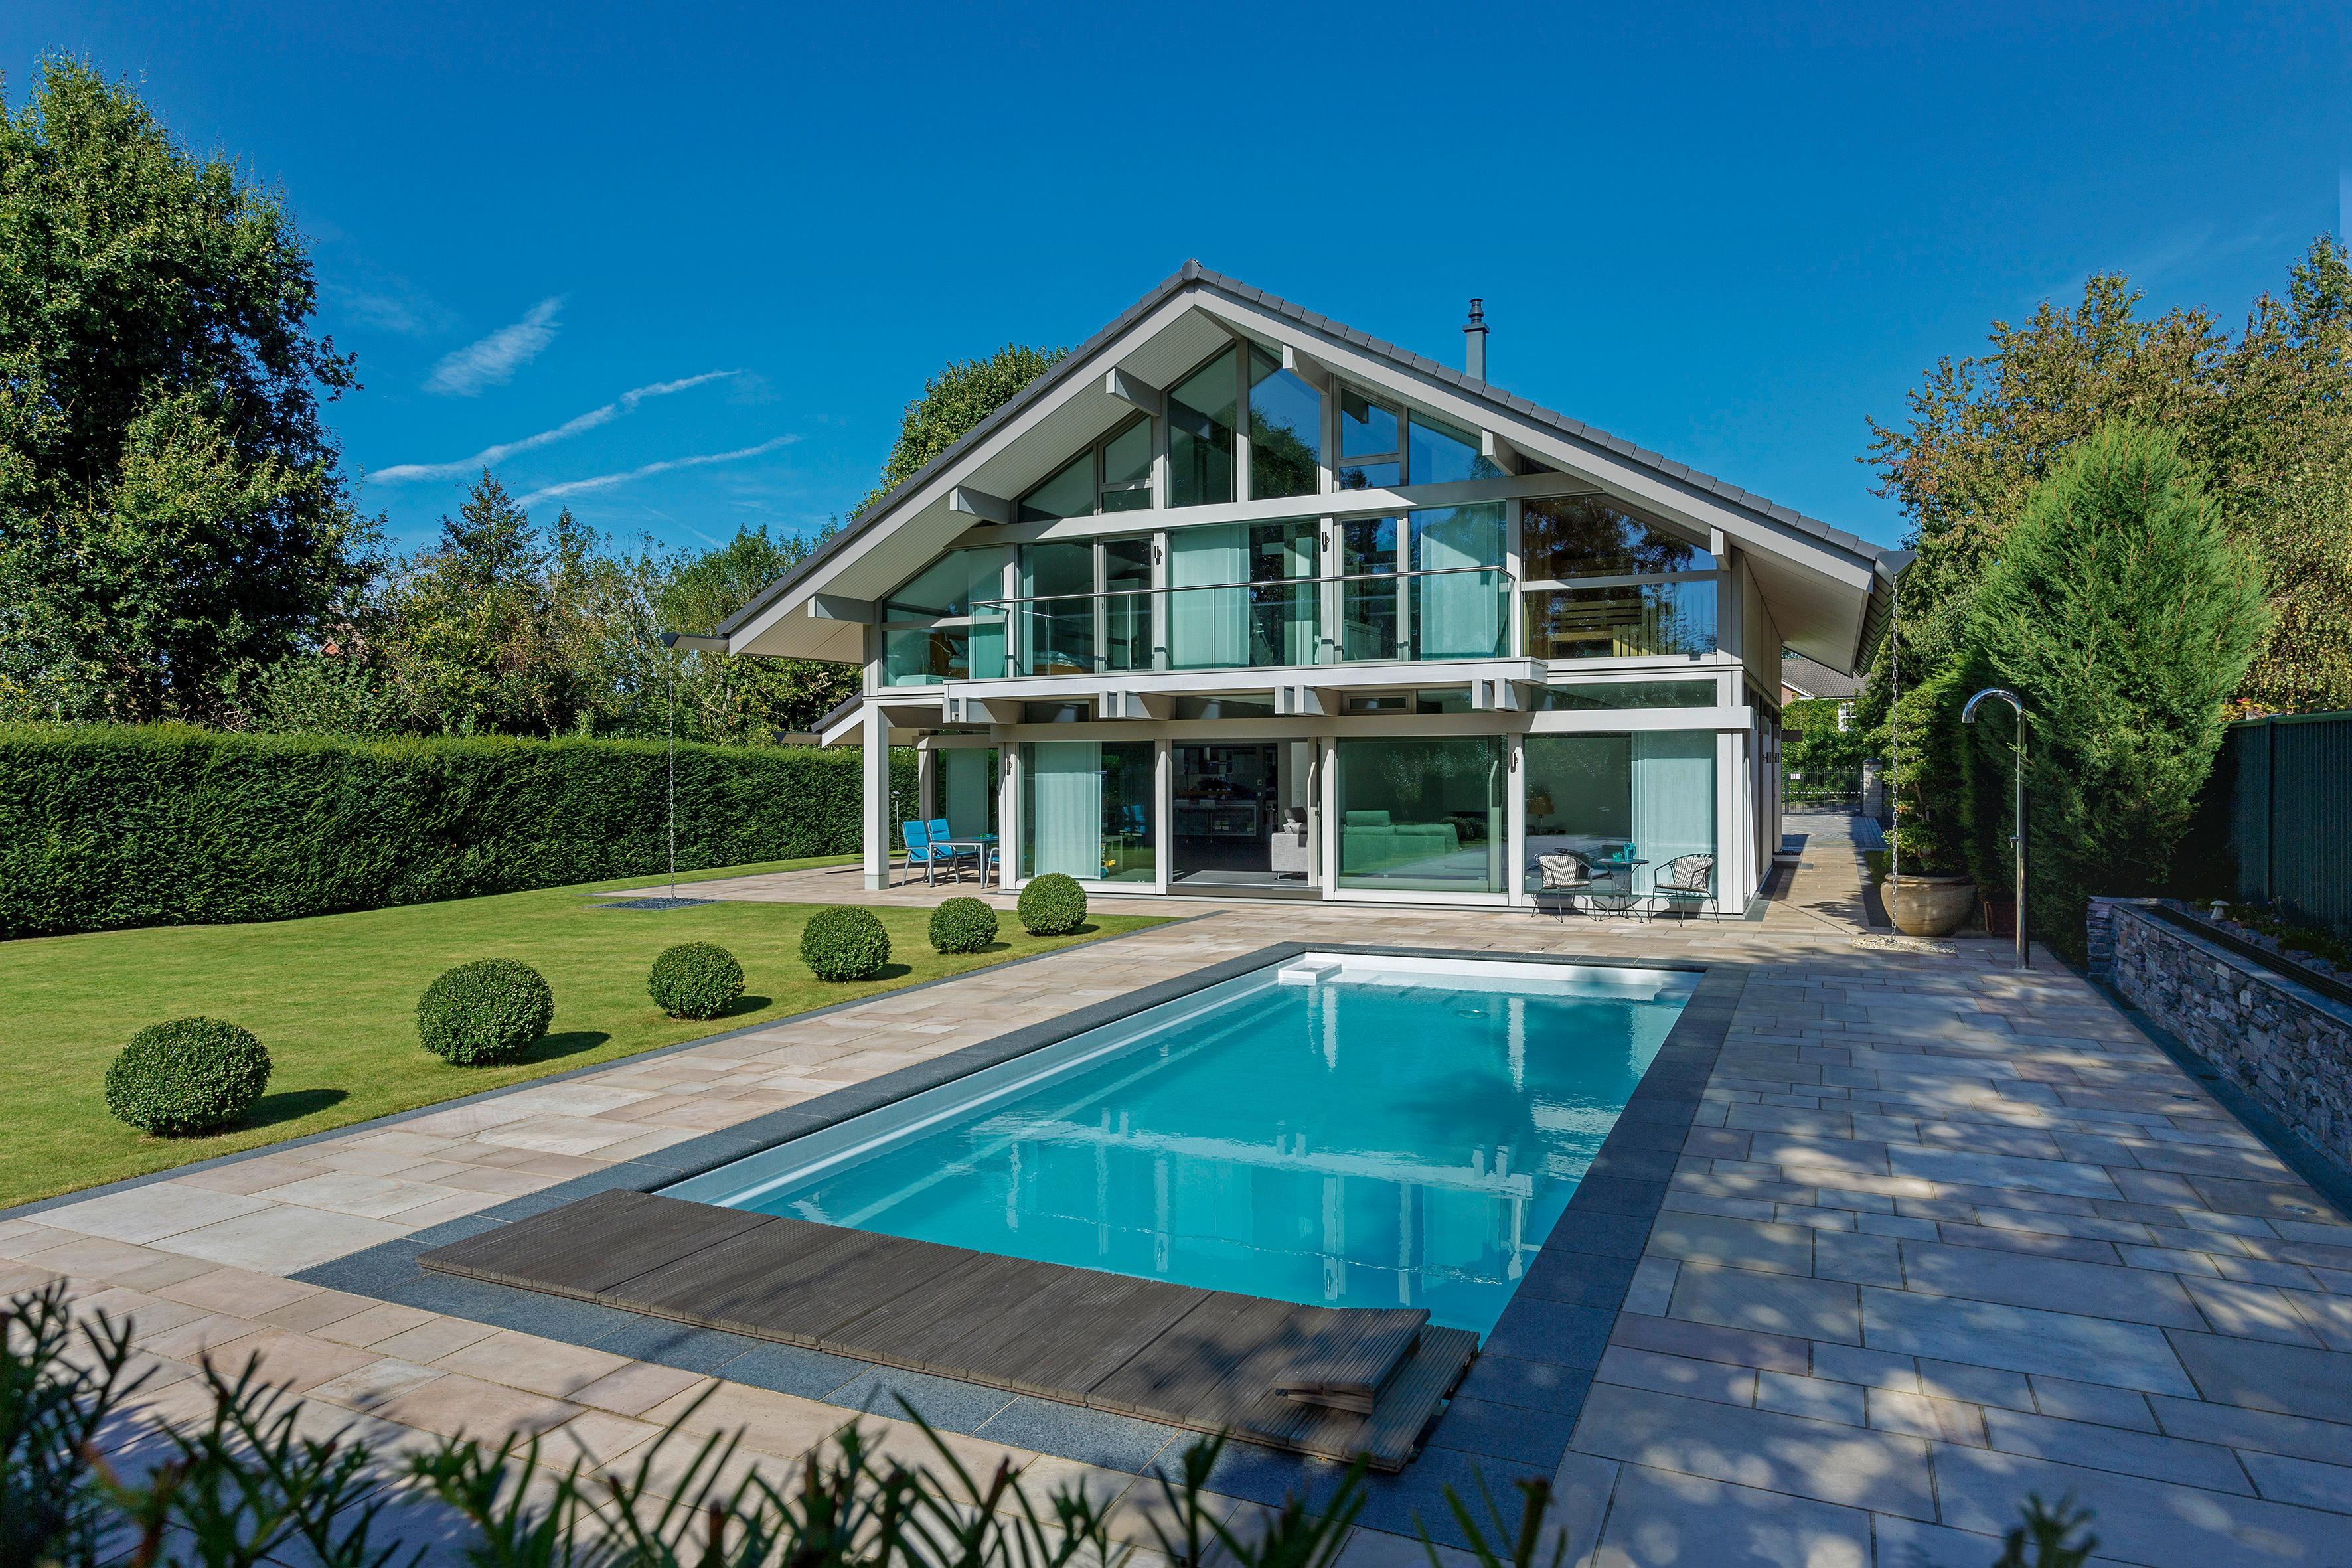 HUF HAUS Mit Pool Und Garten Fensterfront Terrasse Designhaus Hausfassade